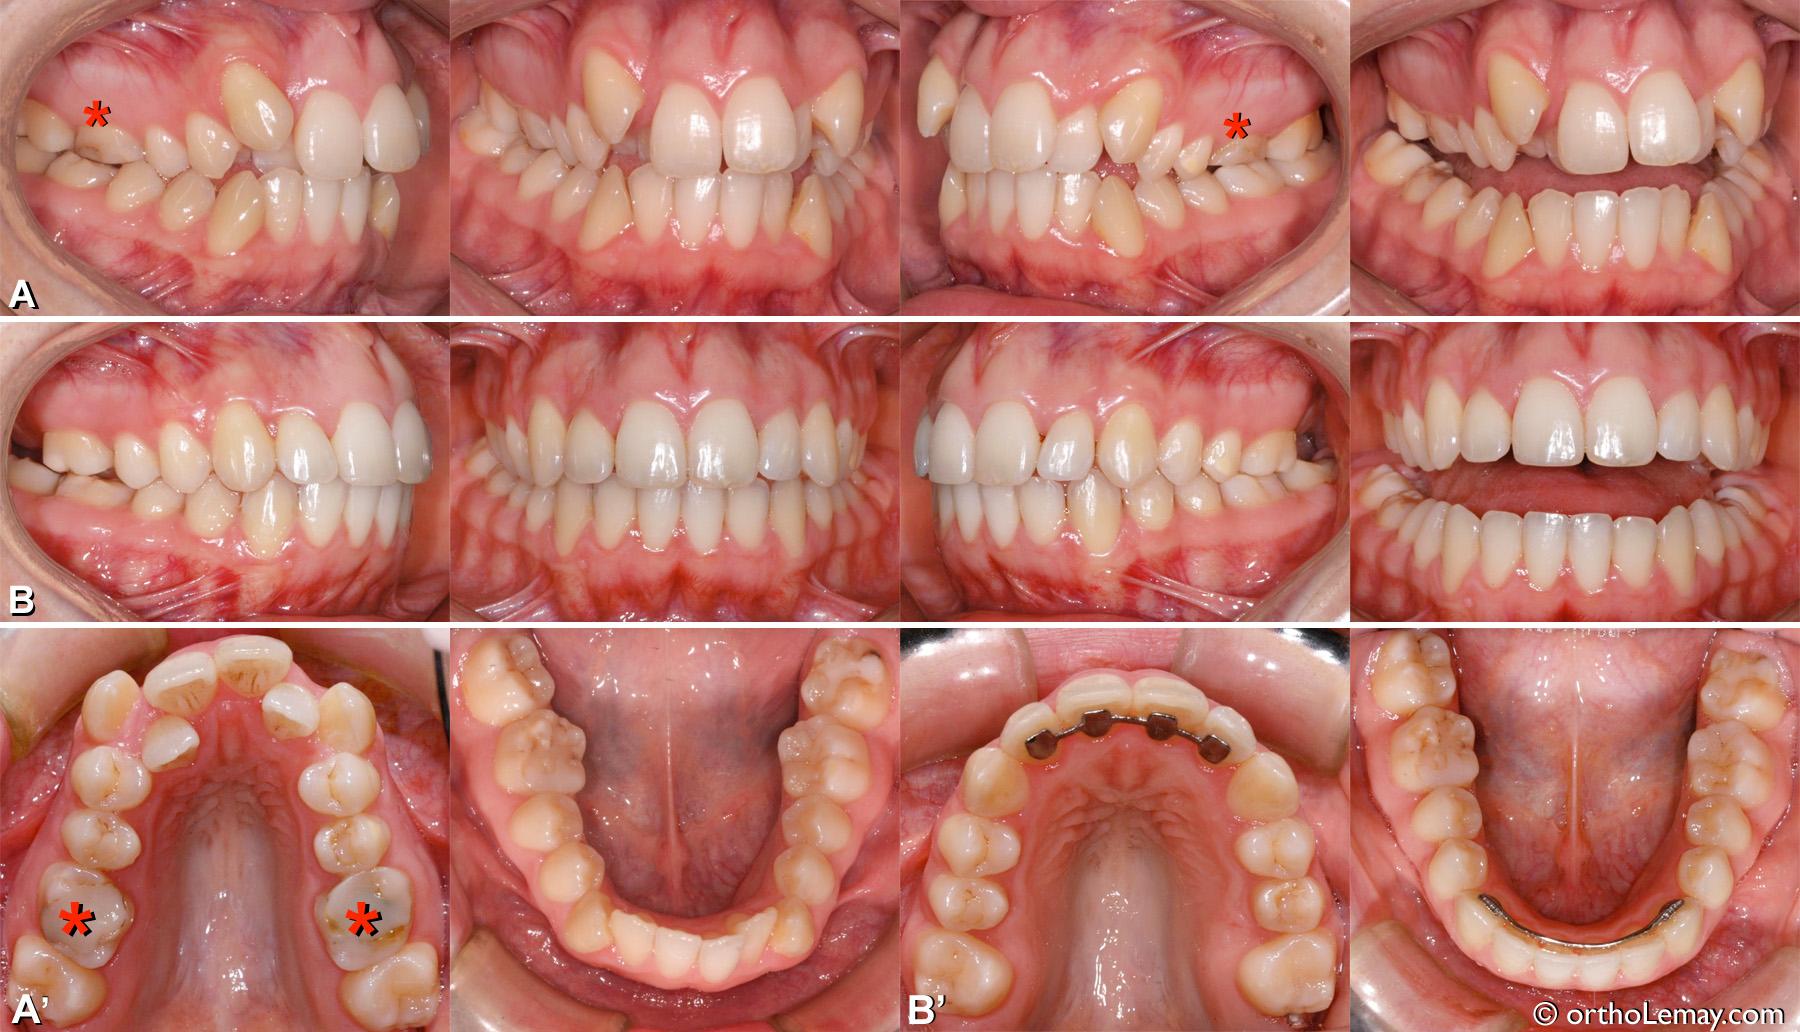 Malocclusion classe 2 adulte avec chevauchement dentaire important, maxillaire étroit, occlusion croisée. Traitement d'orthodontie avec extraction des premières molaires supérieures.